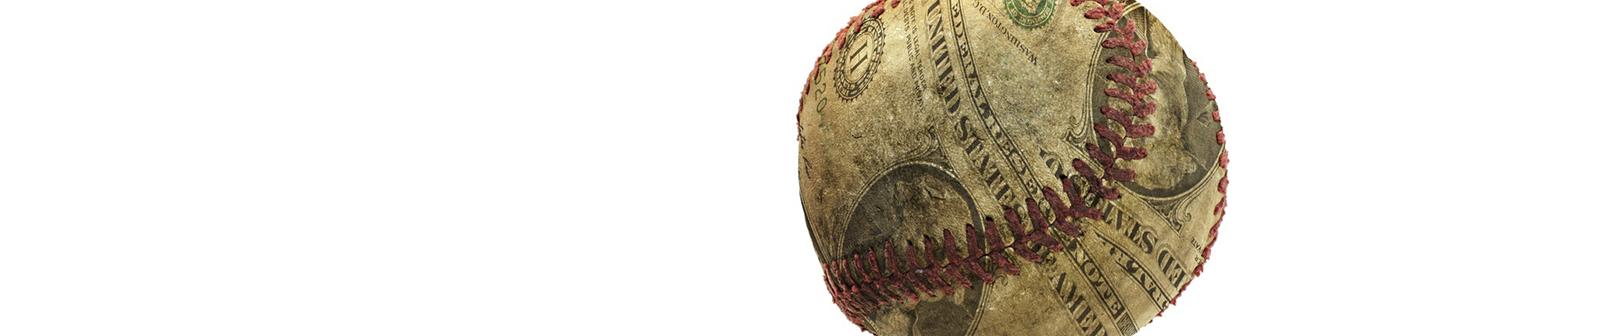 Inbound Marketing's Moneyballs